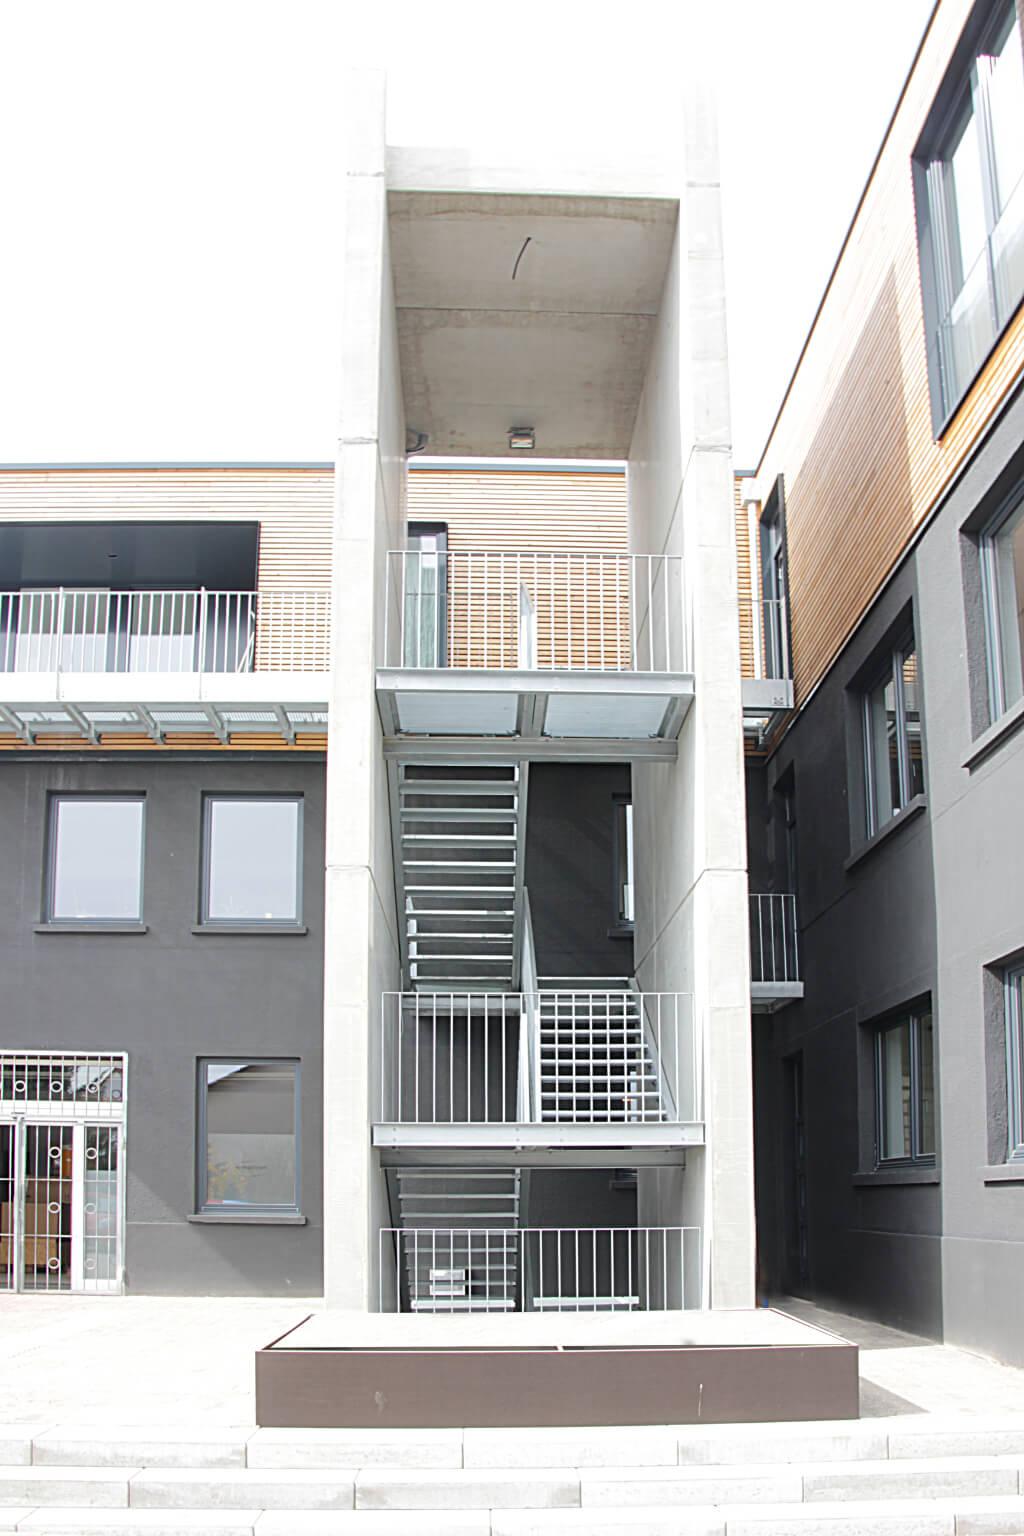 TS68-05-marcbetz architekten